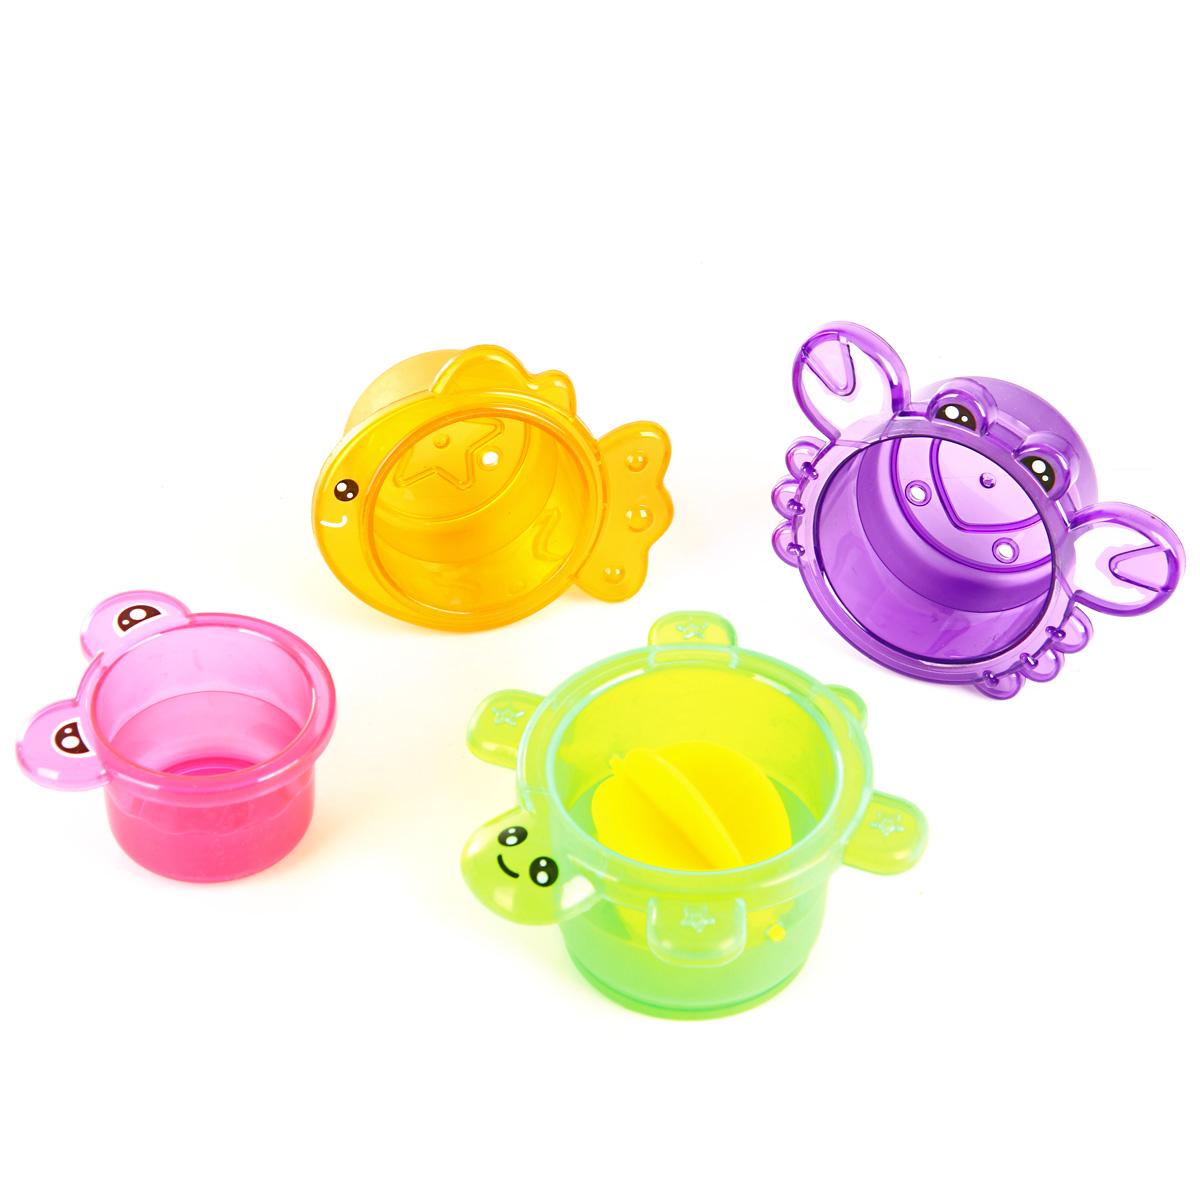 Игрушки для ванны Ути Пути Формочки. Рыбка ю каталог ути пути